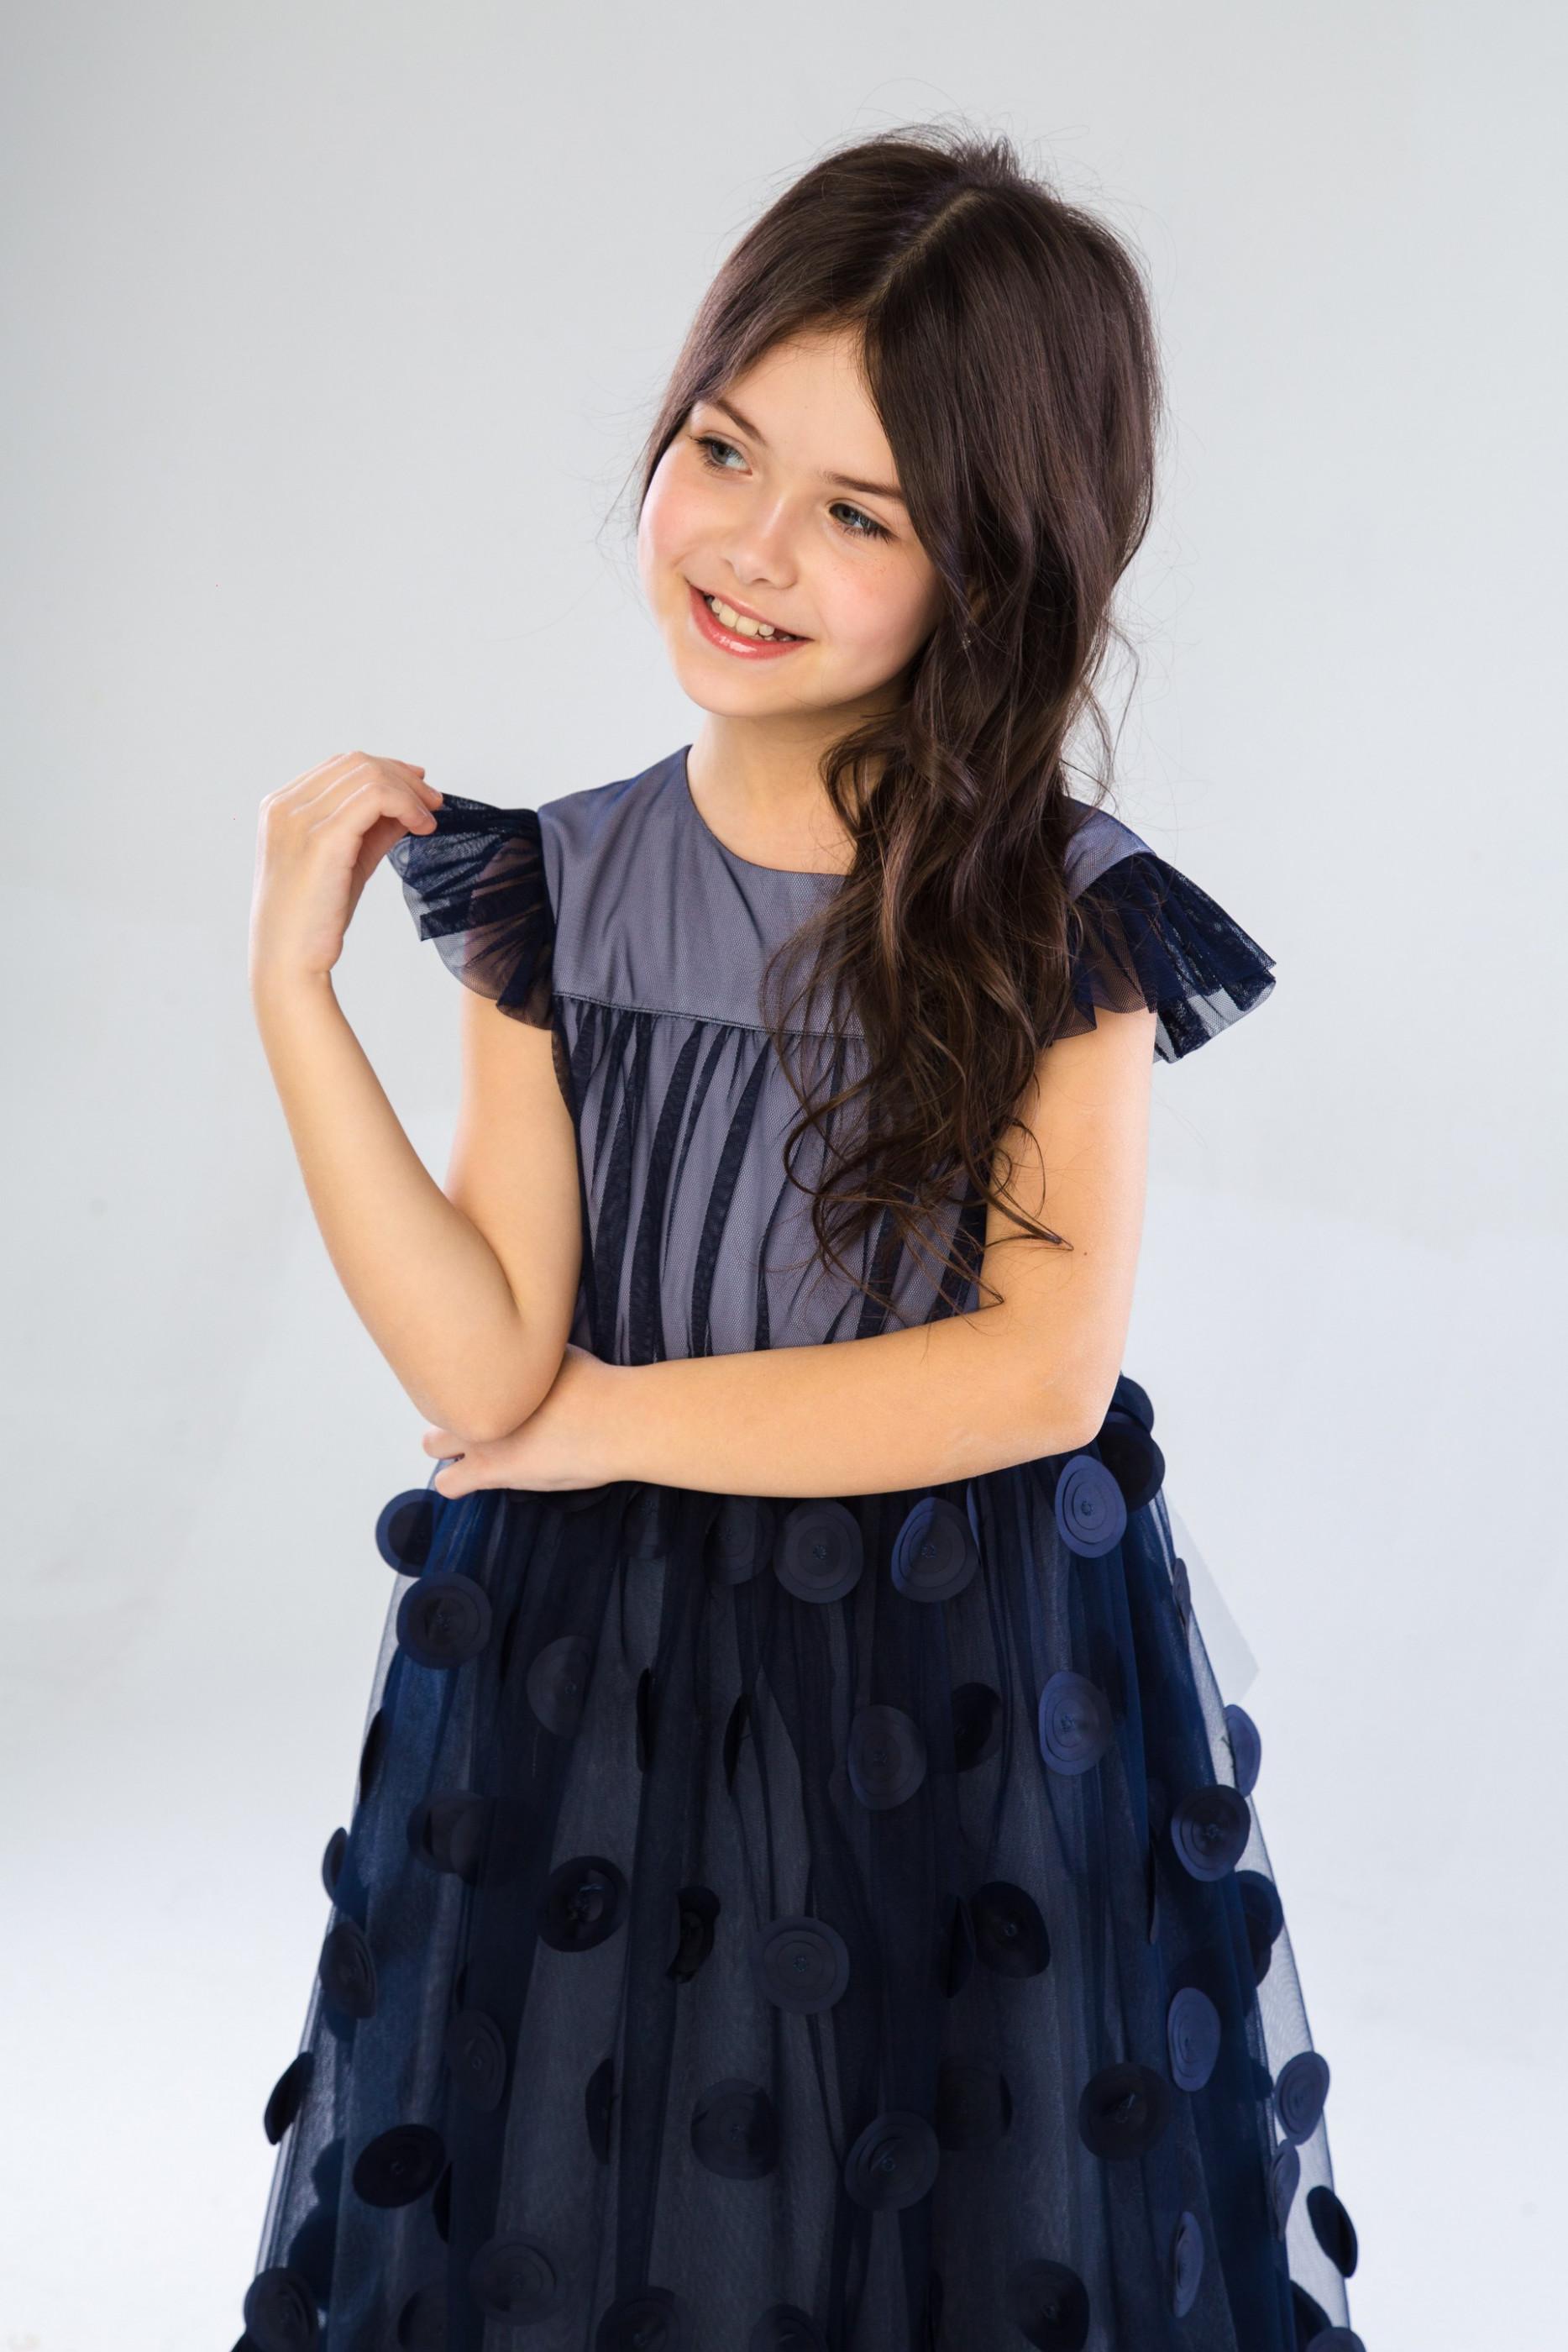 Плаття Розалі, фото №4